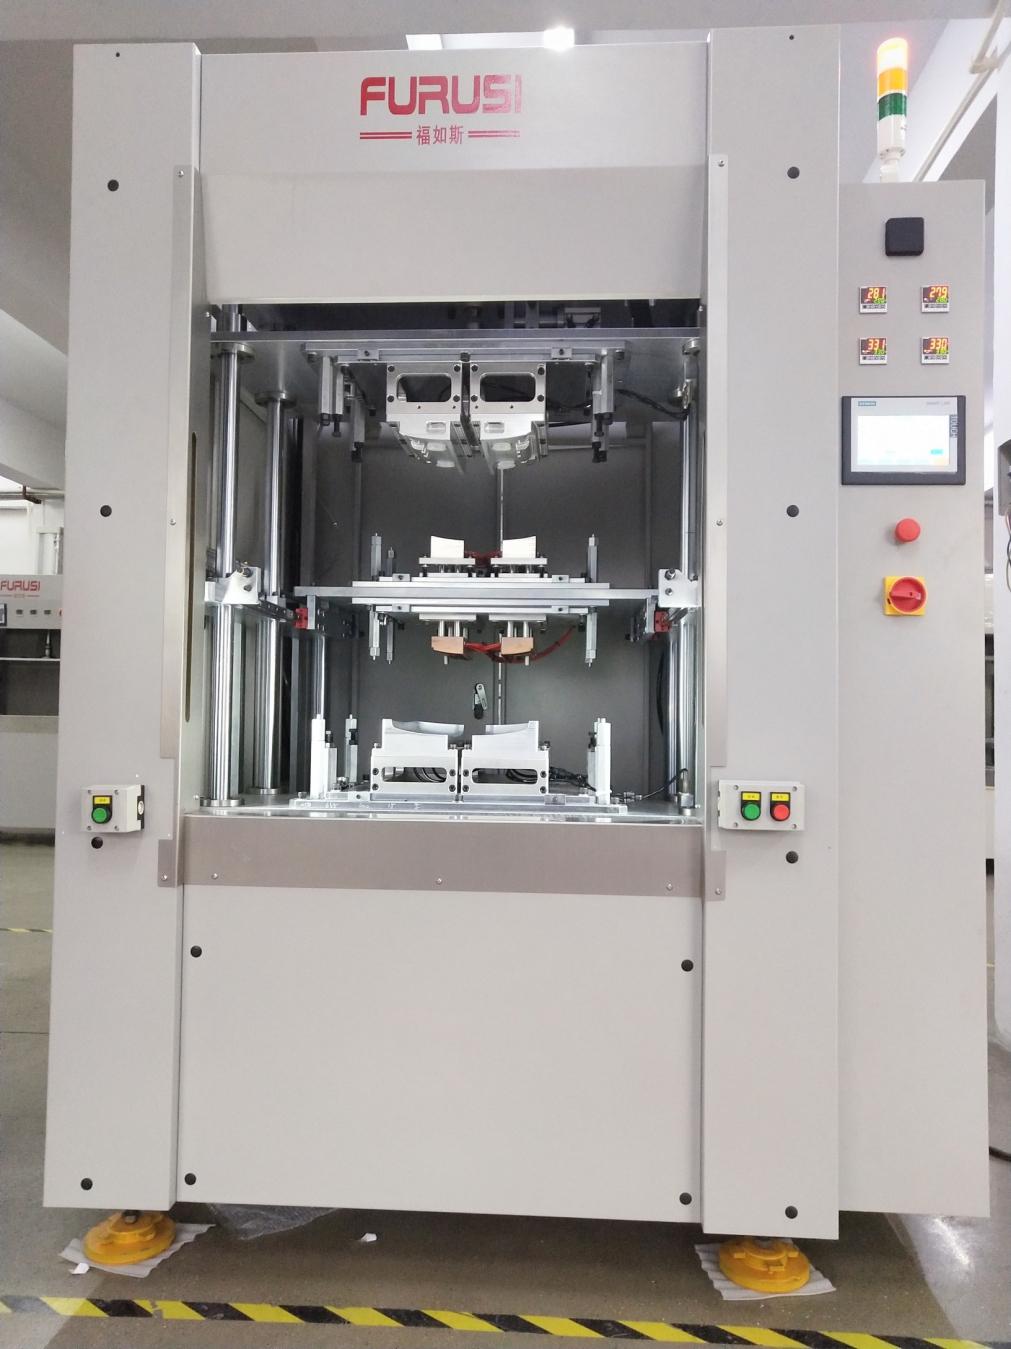 浙江进口热板机上门维修 铸造辉煌 昆山福如斯精密机械供应